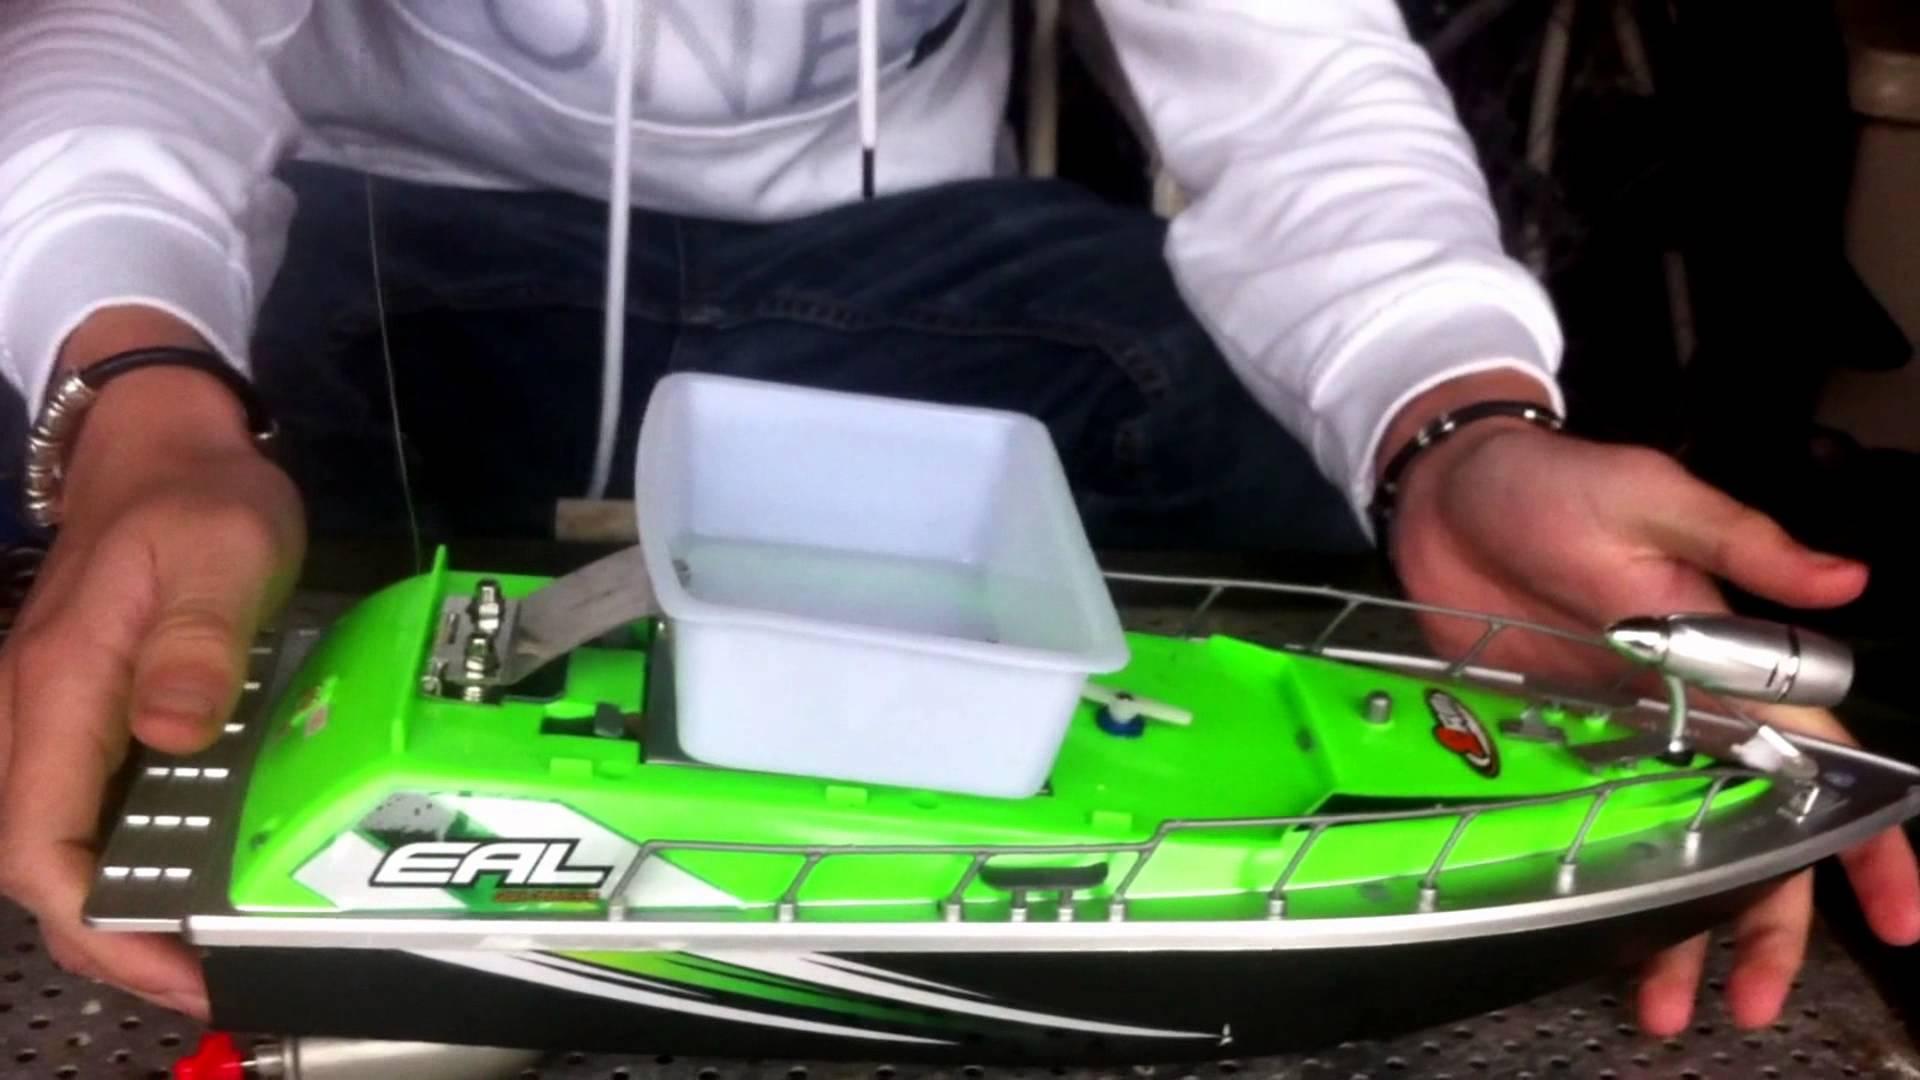 bateau amorceur eal quickness